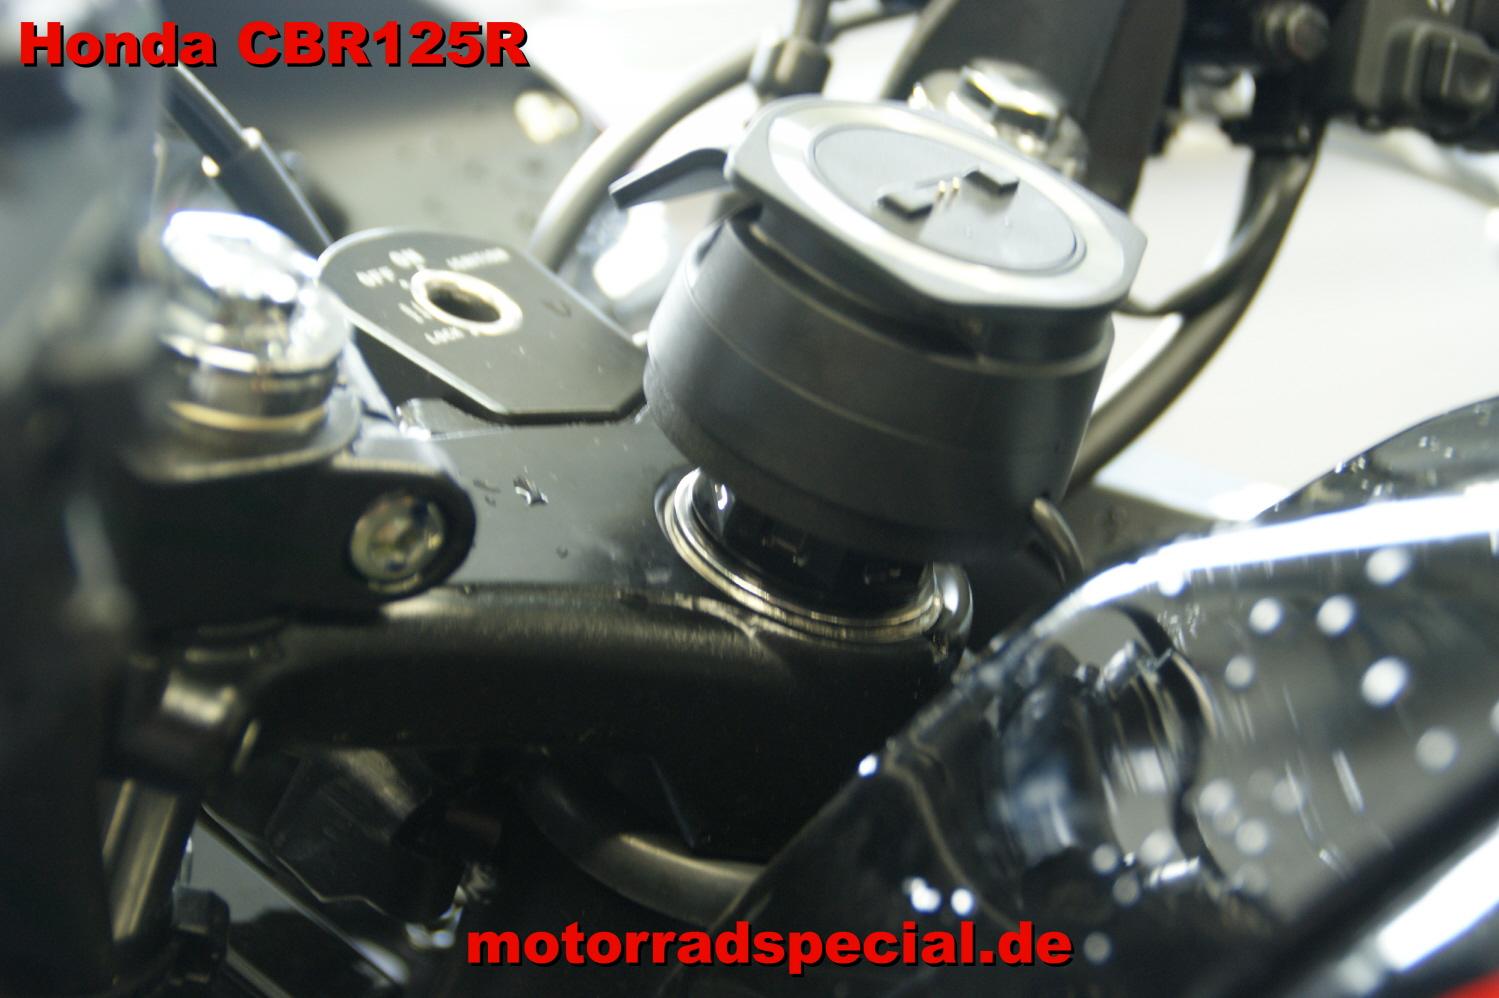 Honda_CBR_125R_Navigationshalterung_Navihalter_Navigationshalter_TomTom_400_410_1